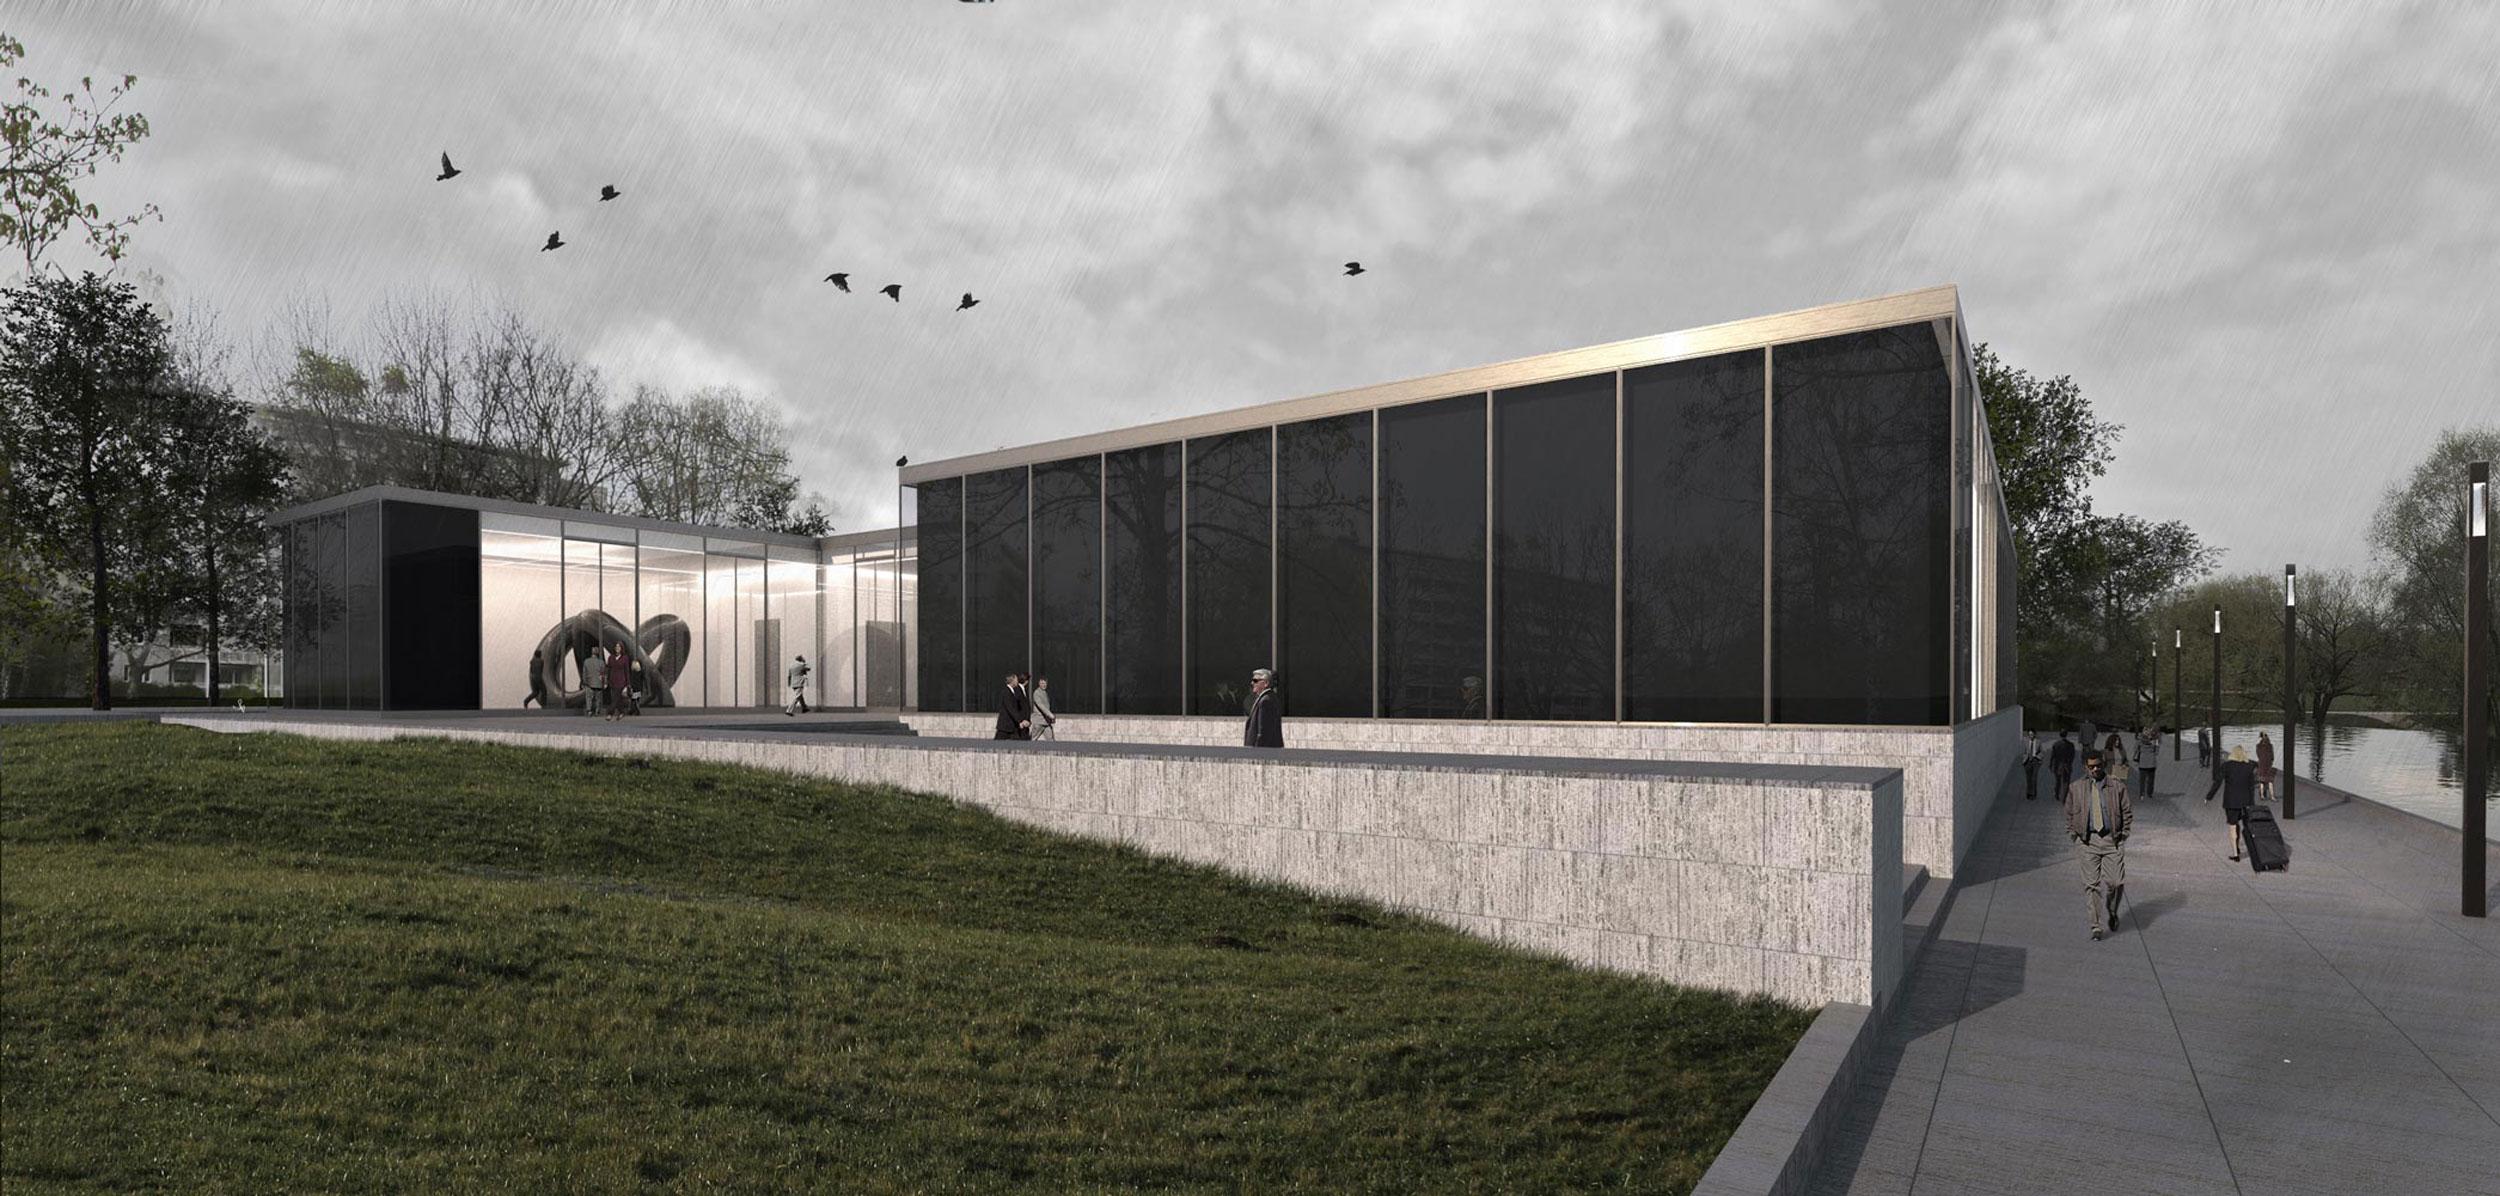 Die einzelnen Sammlungsbereiche wirken wie Pavillons in der Landschaft.